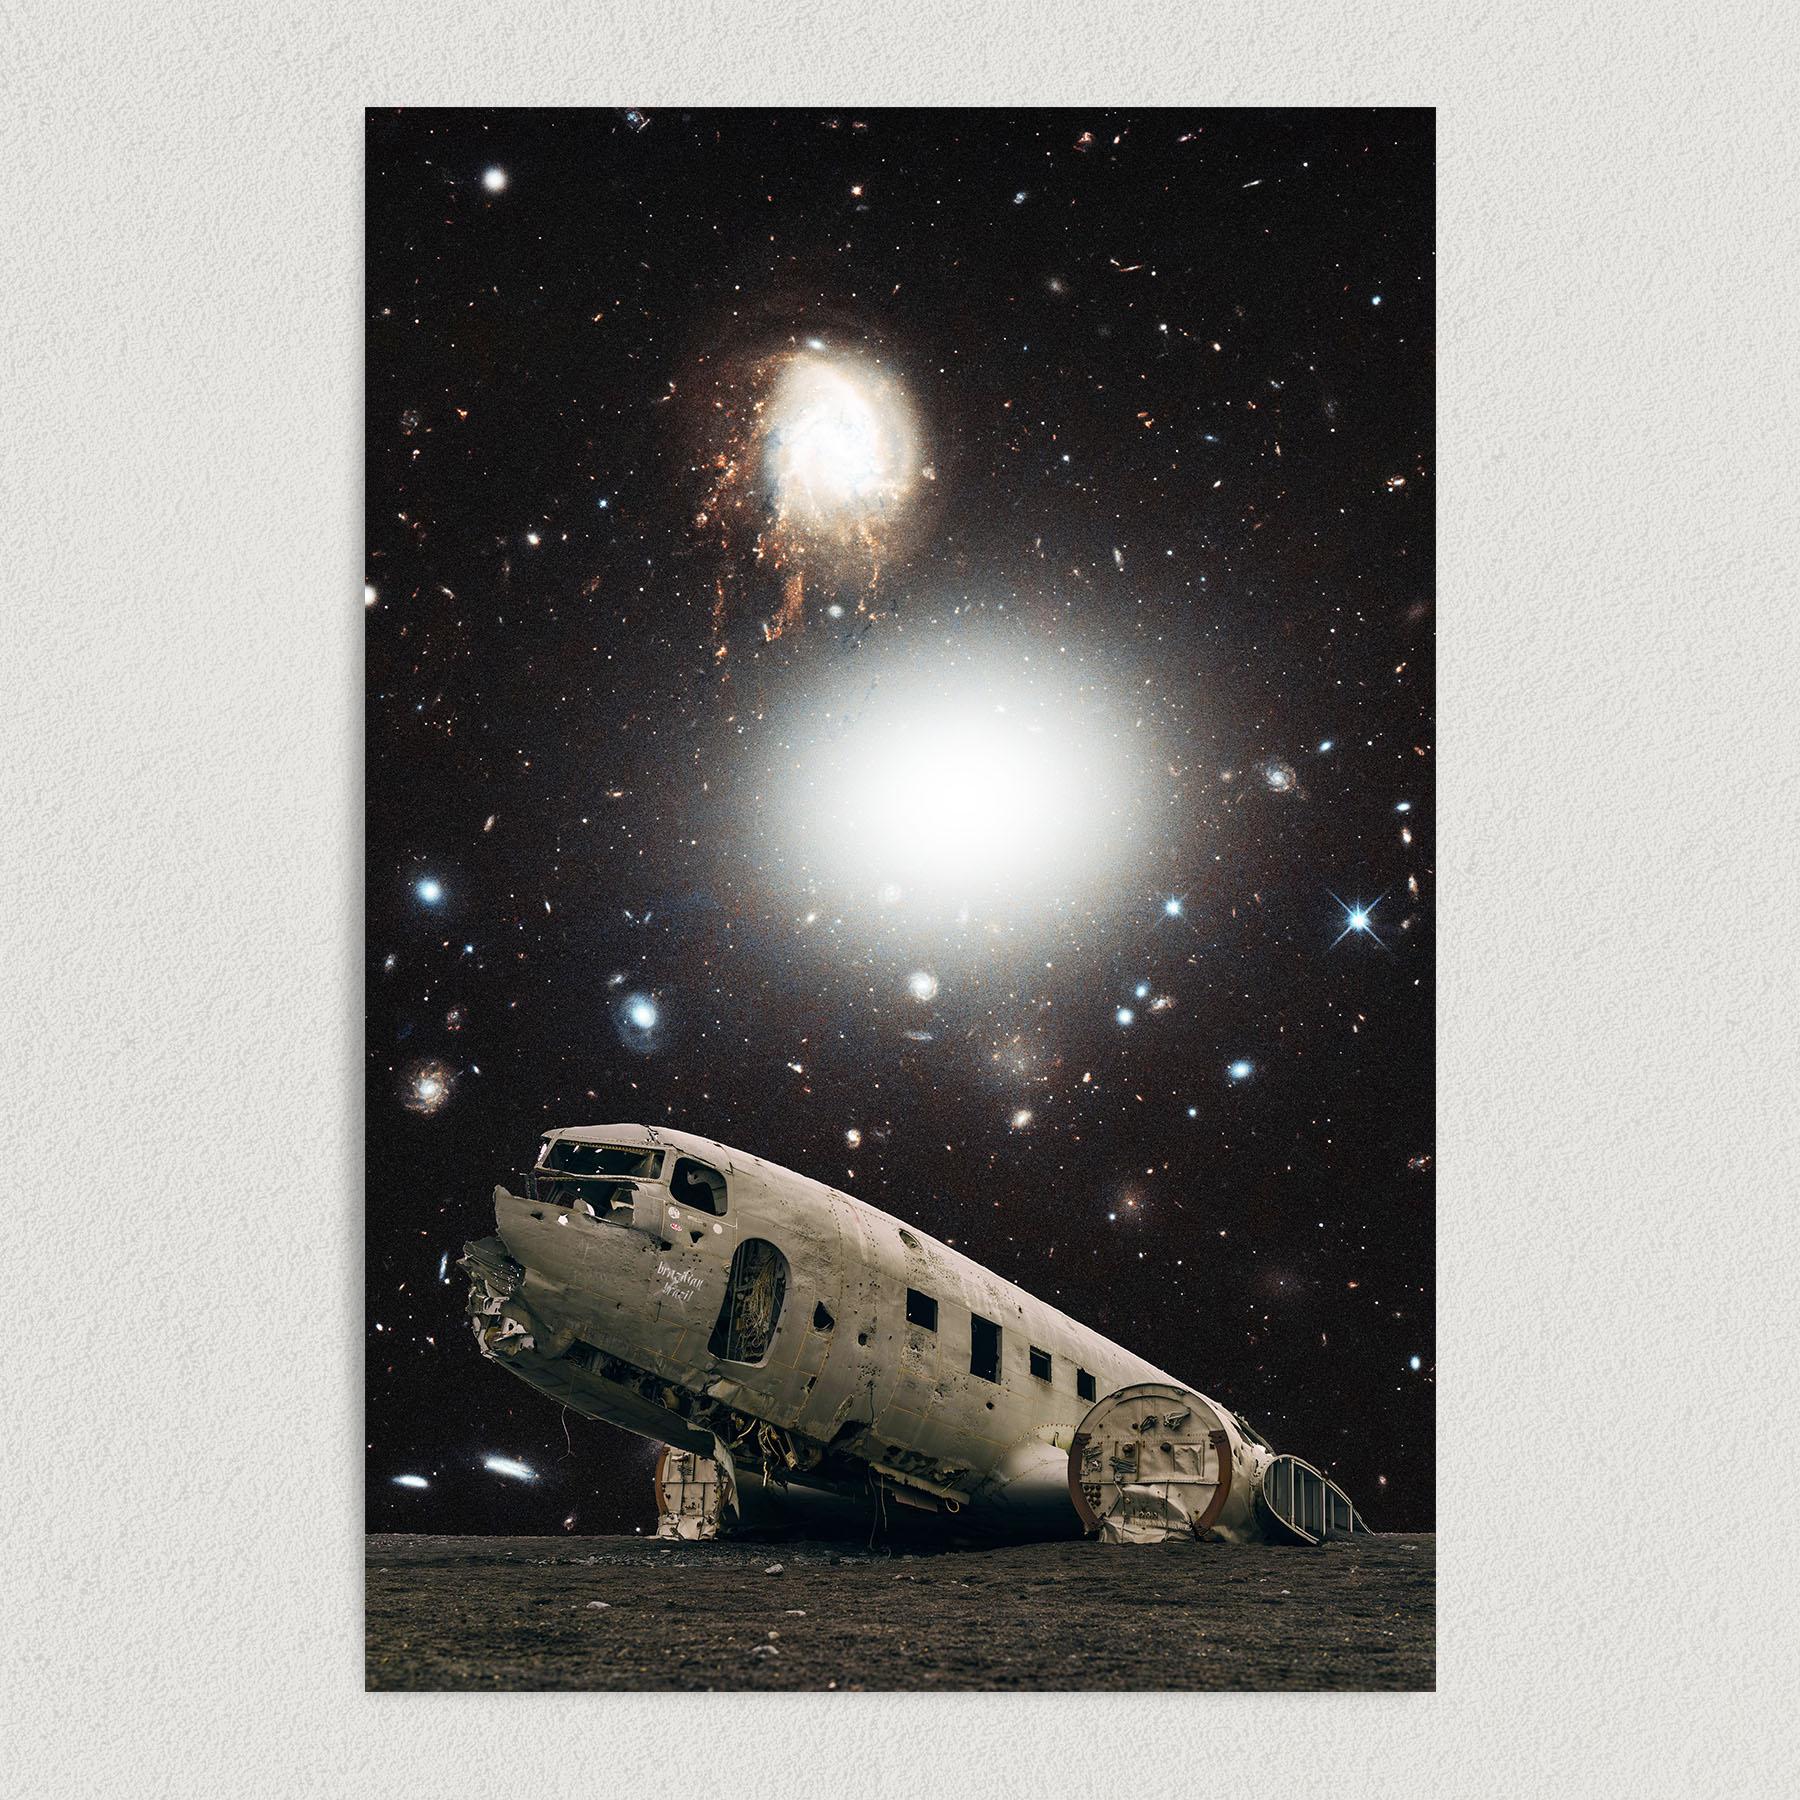 Plane Crash In the Desert Art Print Poster S1015